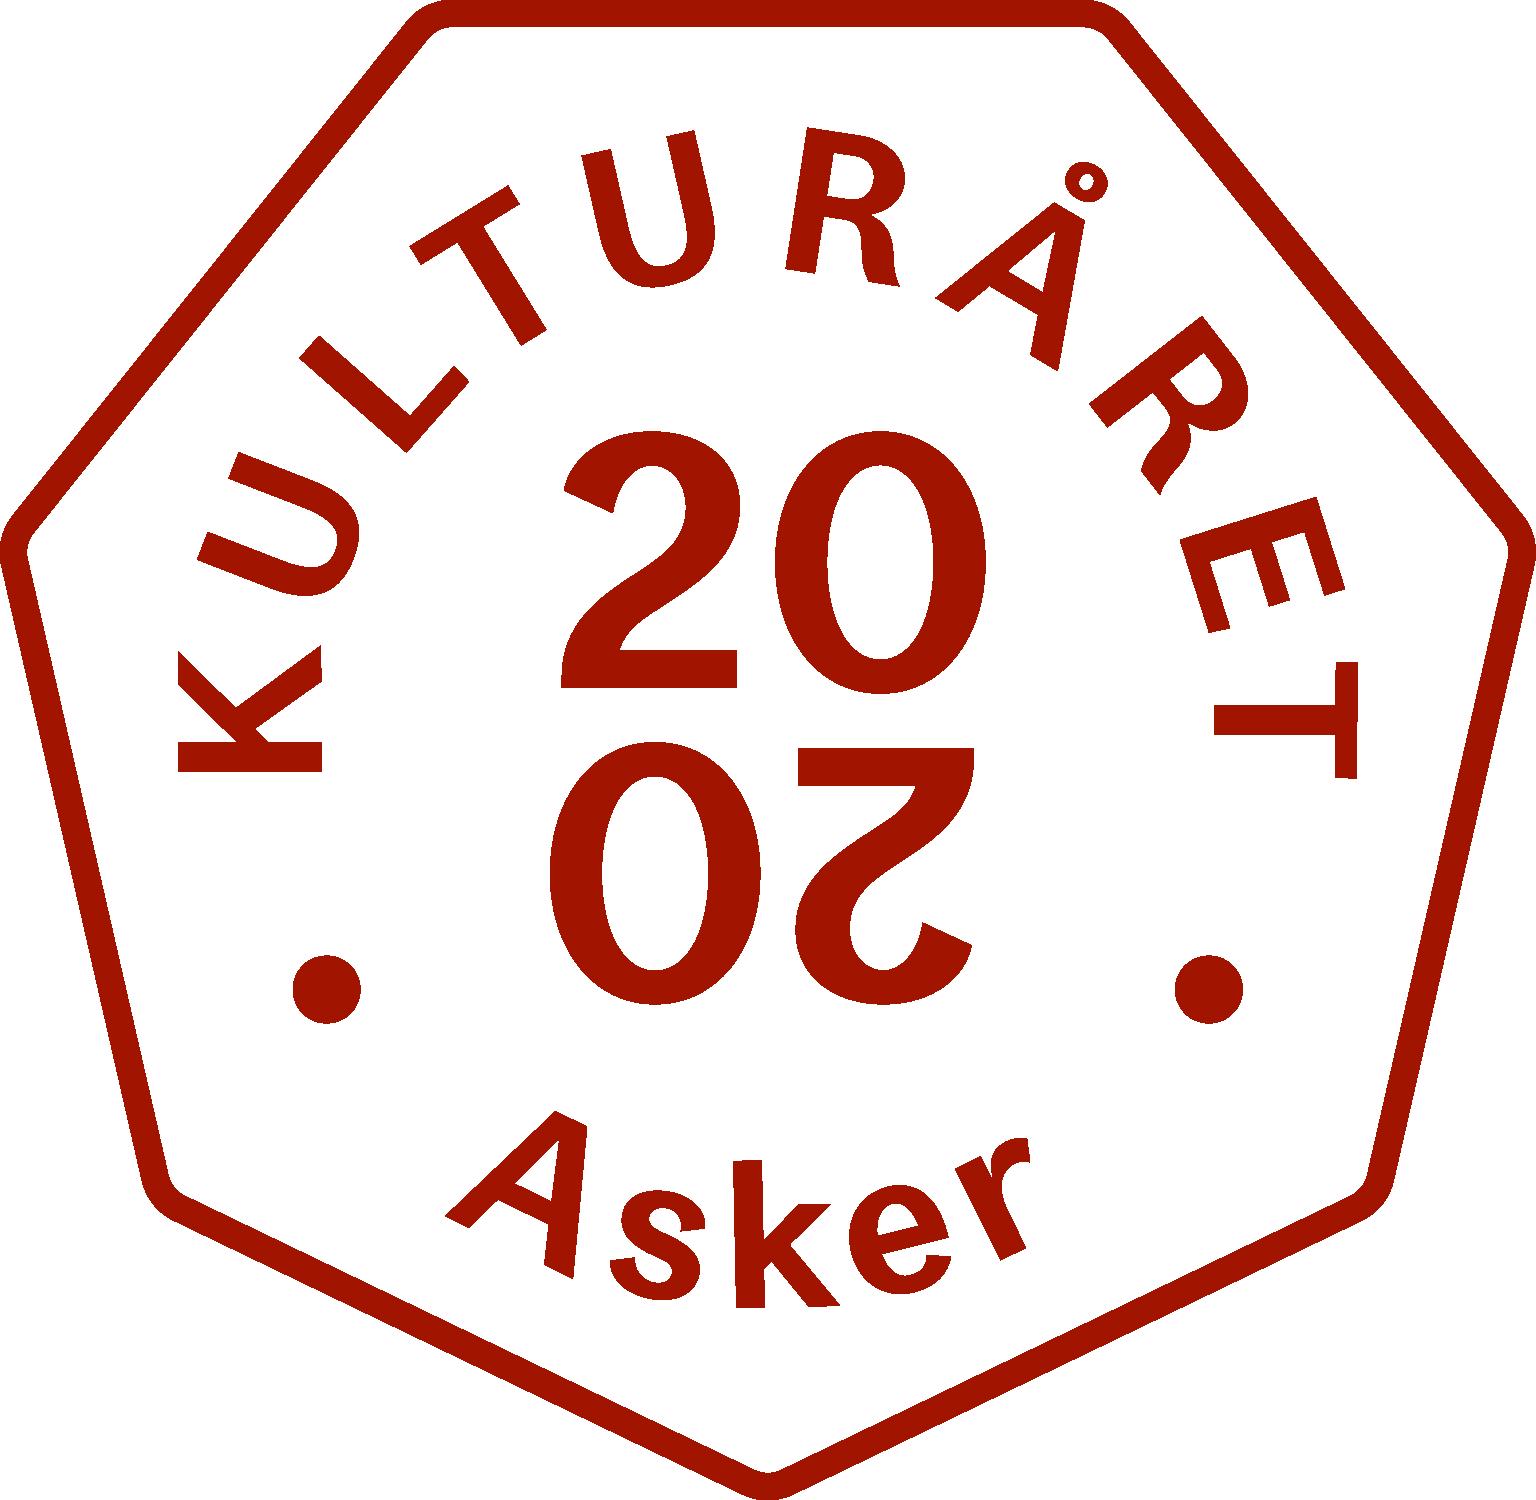 Asker_Kultur├Ñret2020_logo-omriss_r├©d_RGB